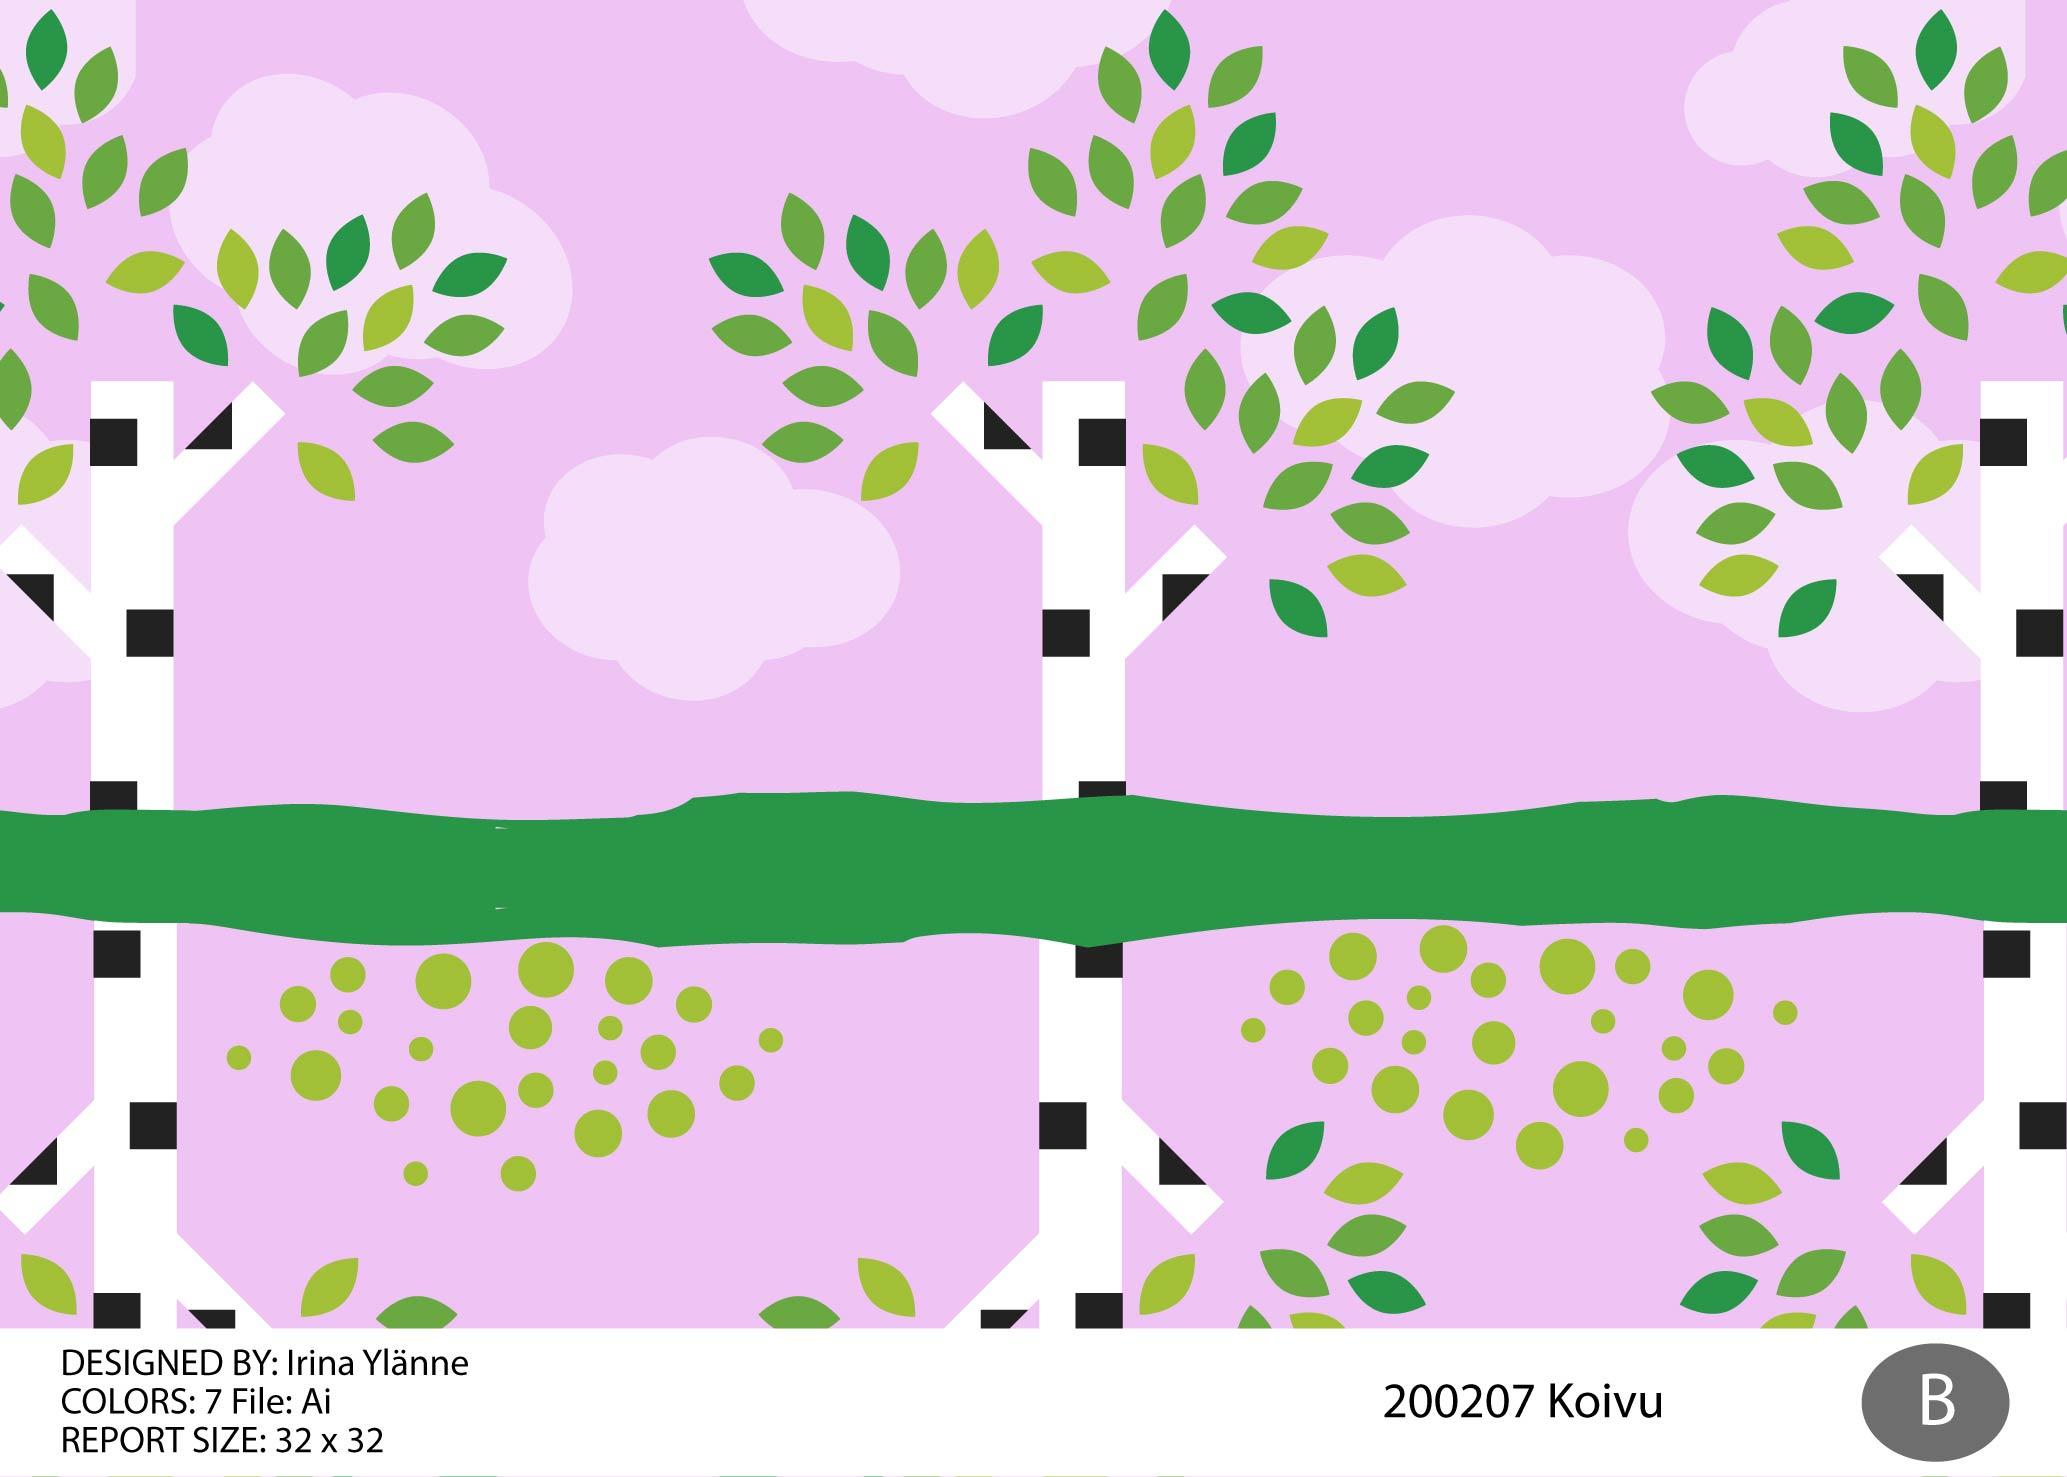 irina_200207_koivu-01